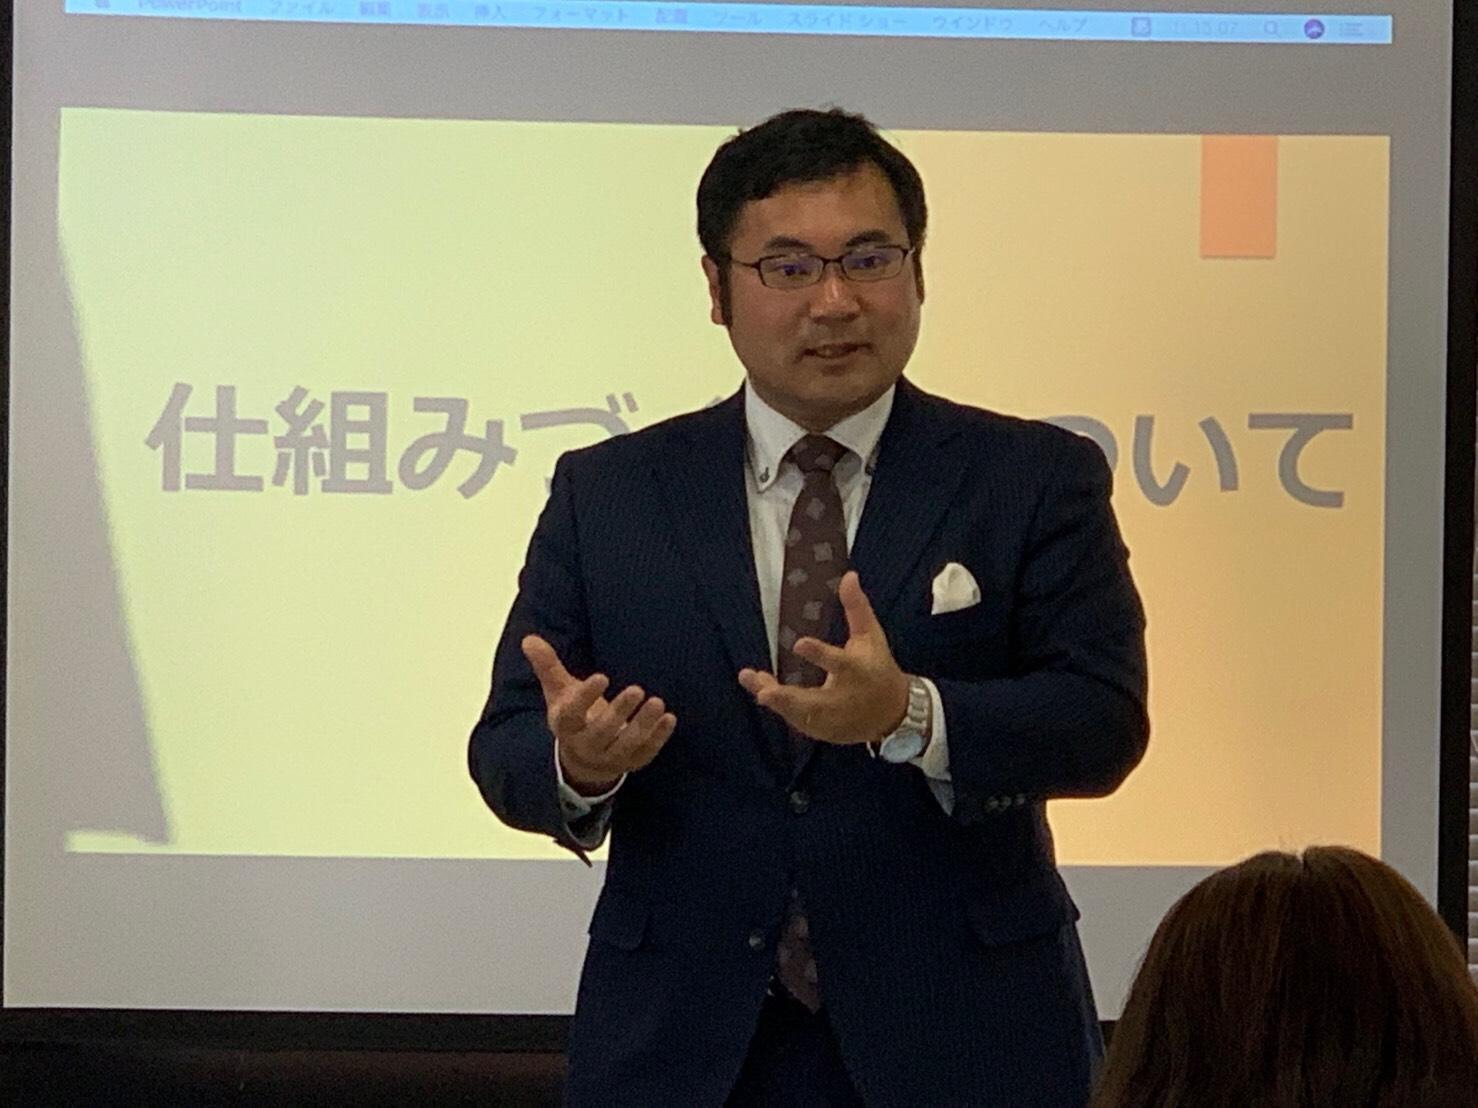 【無料】2019/8/22 ミネラル講座